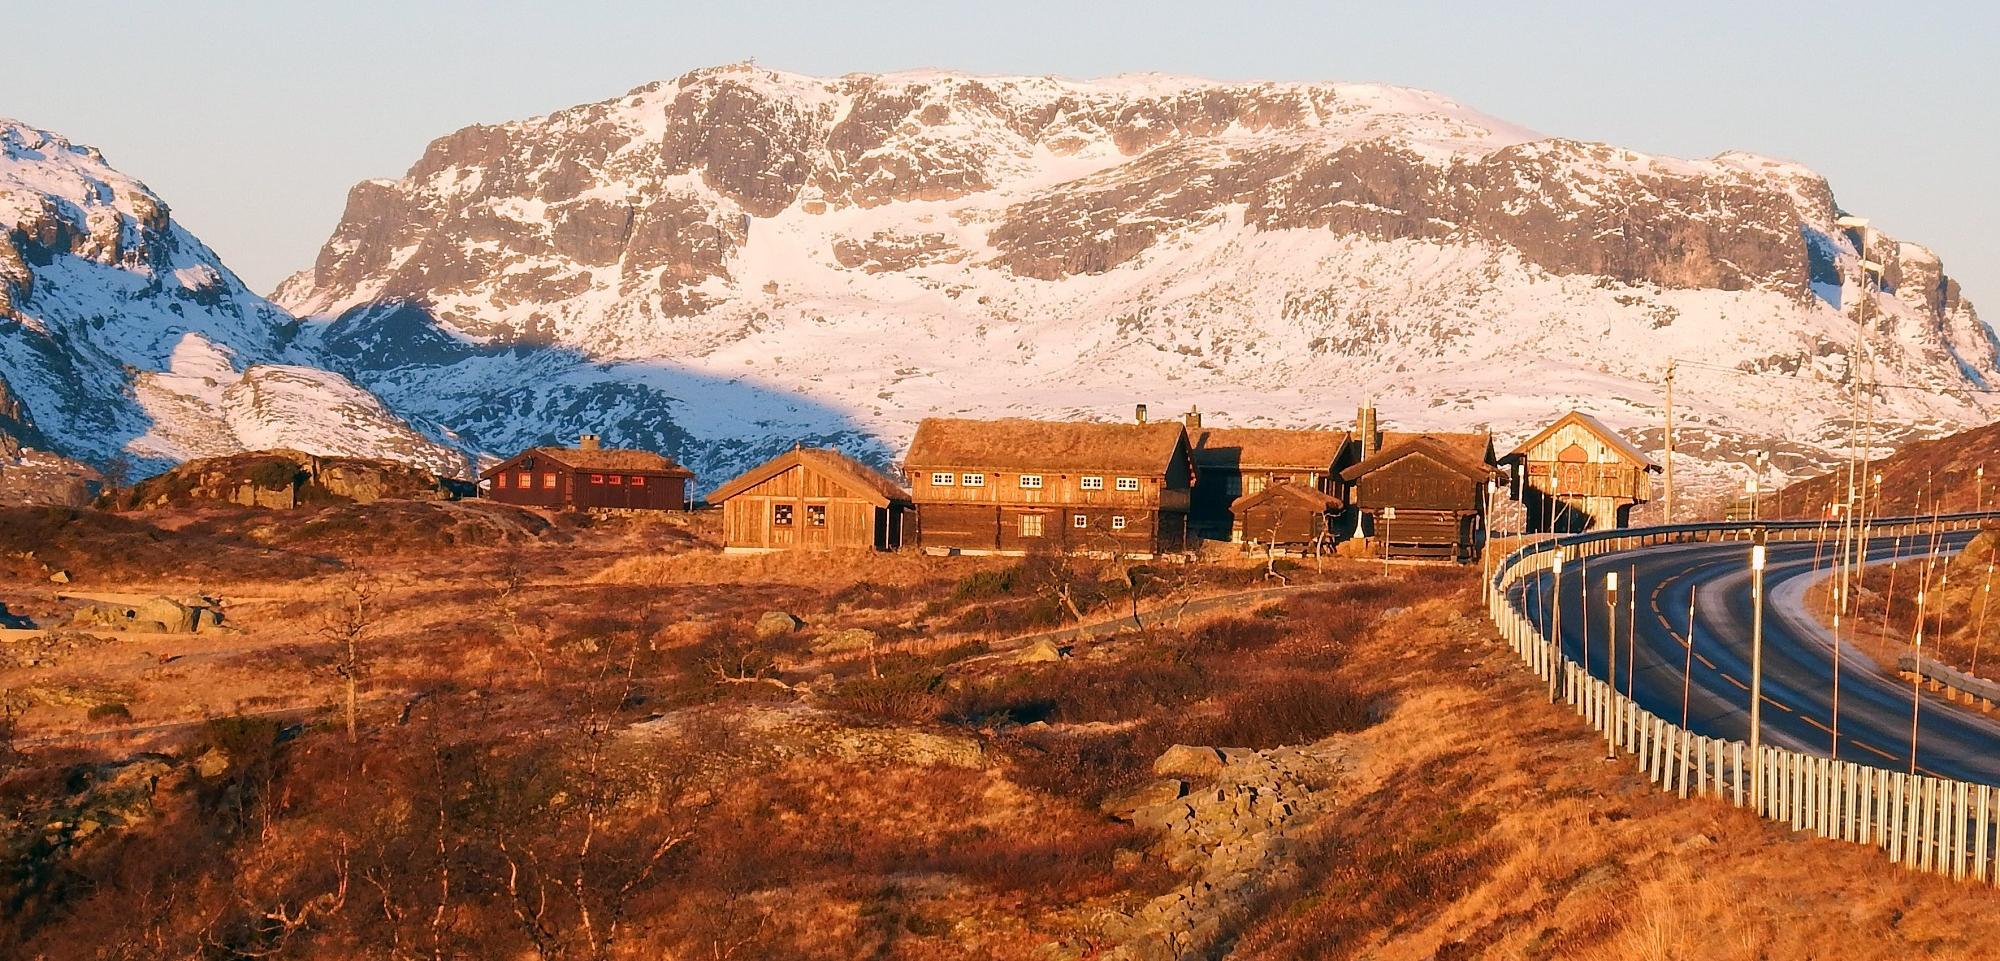 E 134 over Haukelifjell er ein av stamvegane mellom aust og vest. Foto: Tor Punsvik